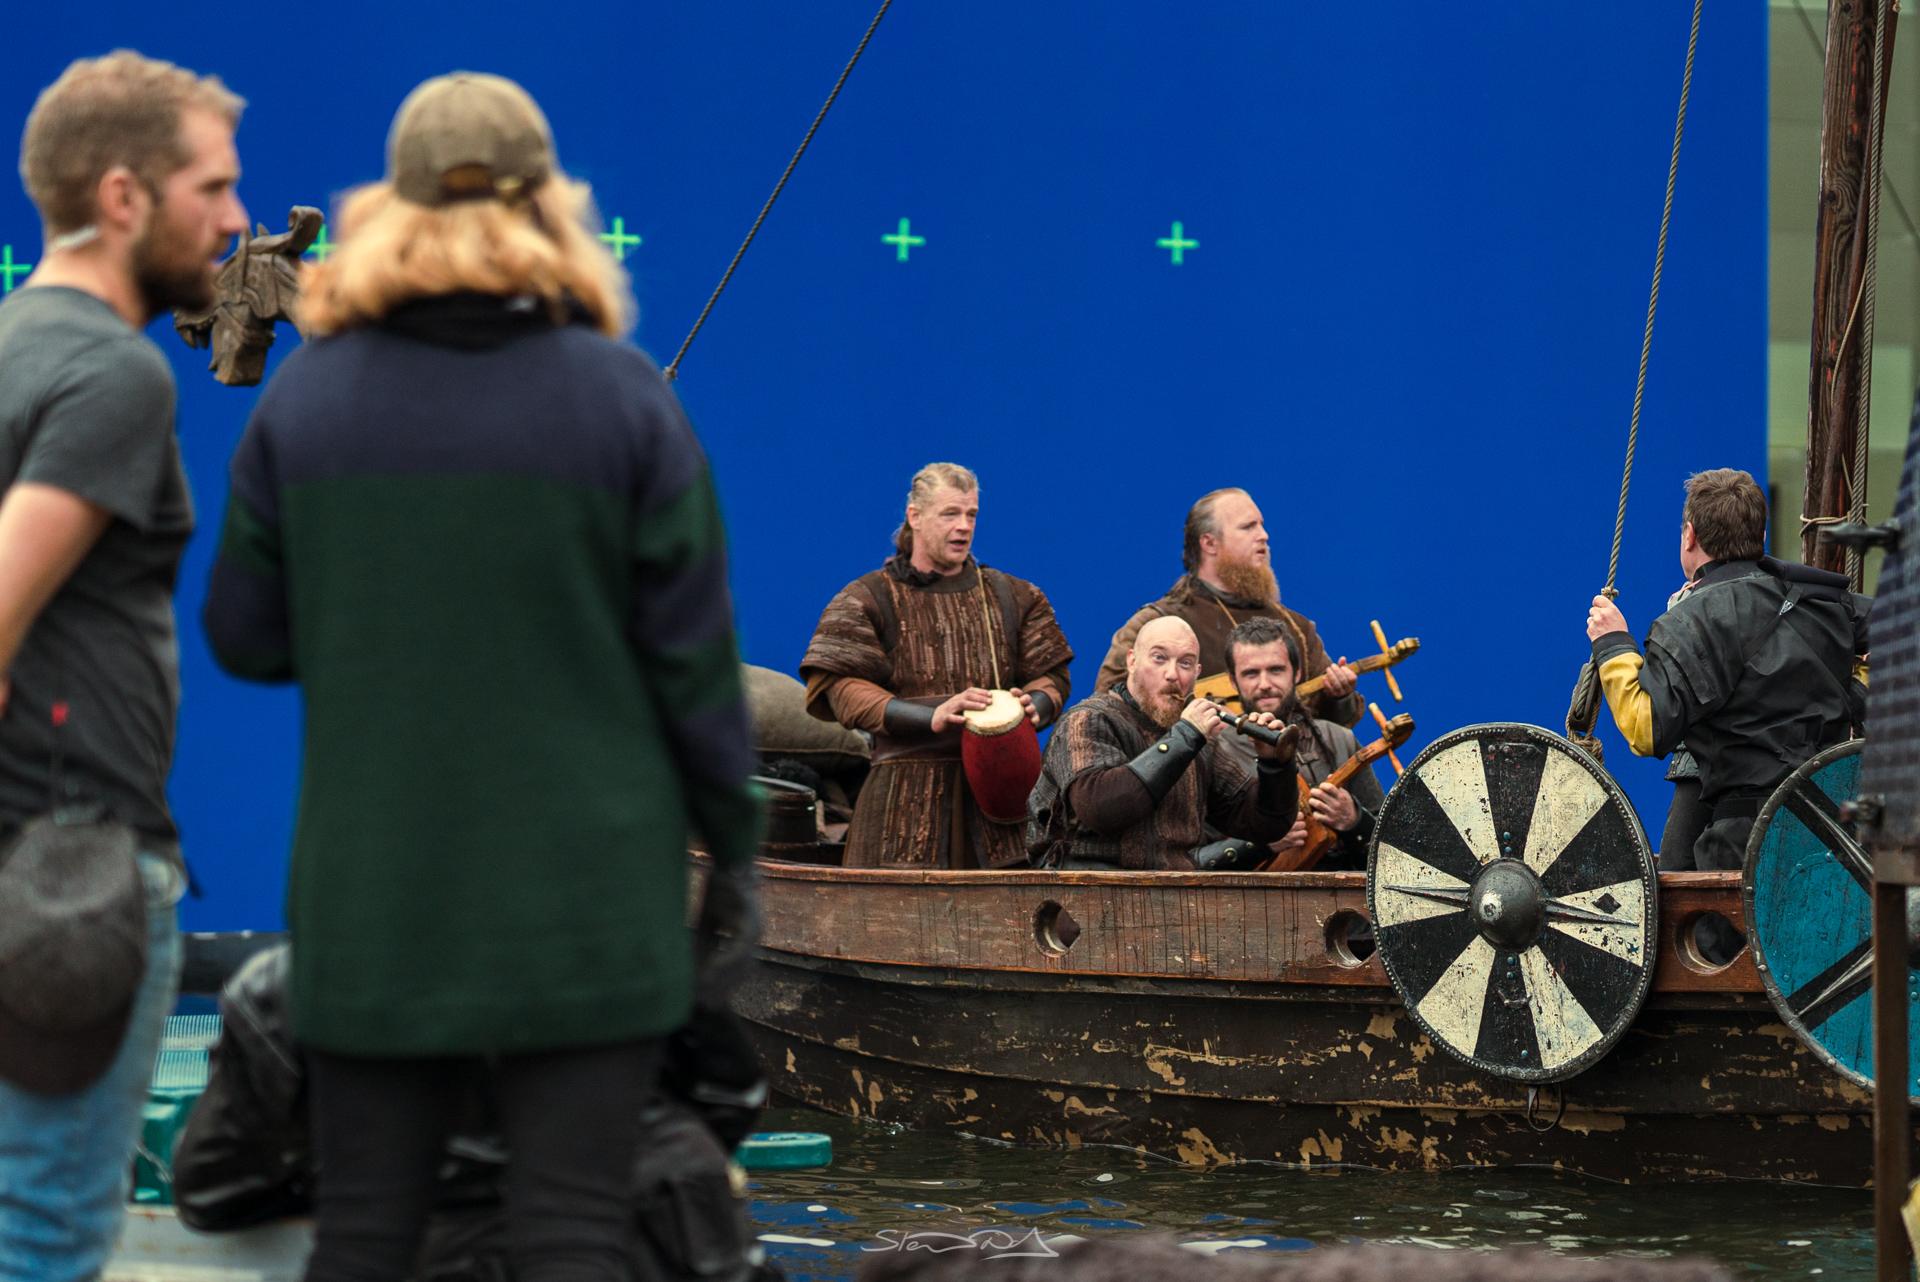 Viking ship in water tank